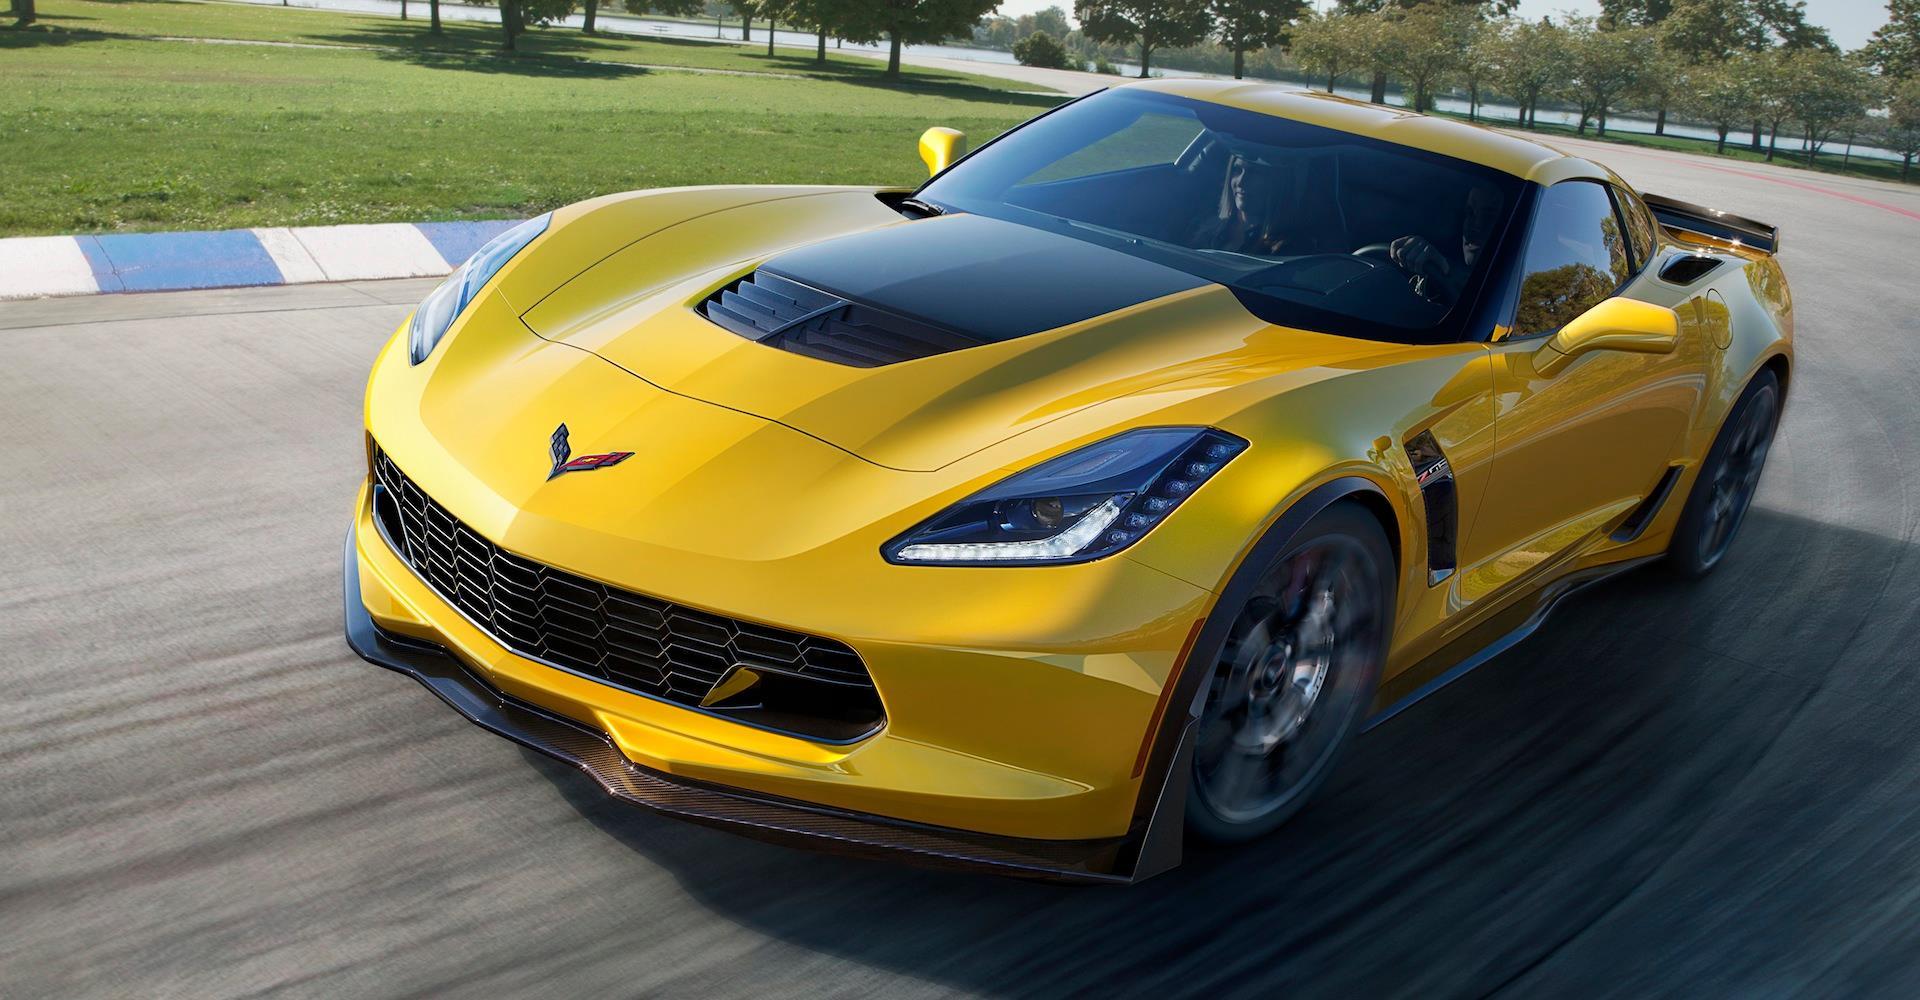 2014 chevrolet corvette c7 r race car. Cars Review. Best American Auto & Cars Review